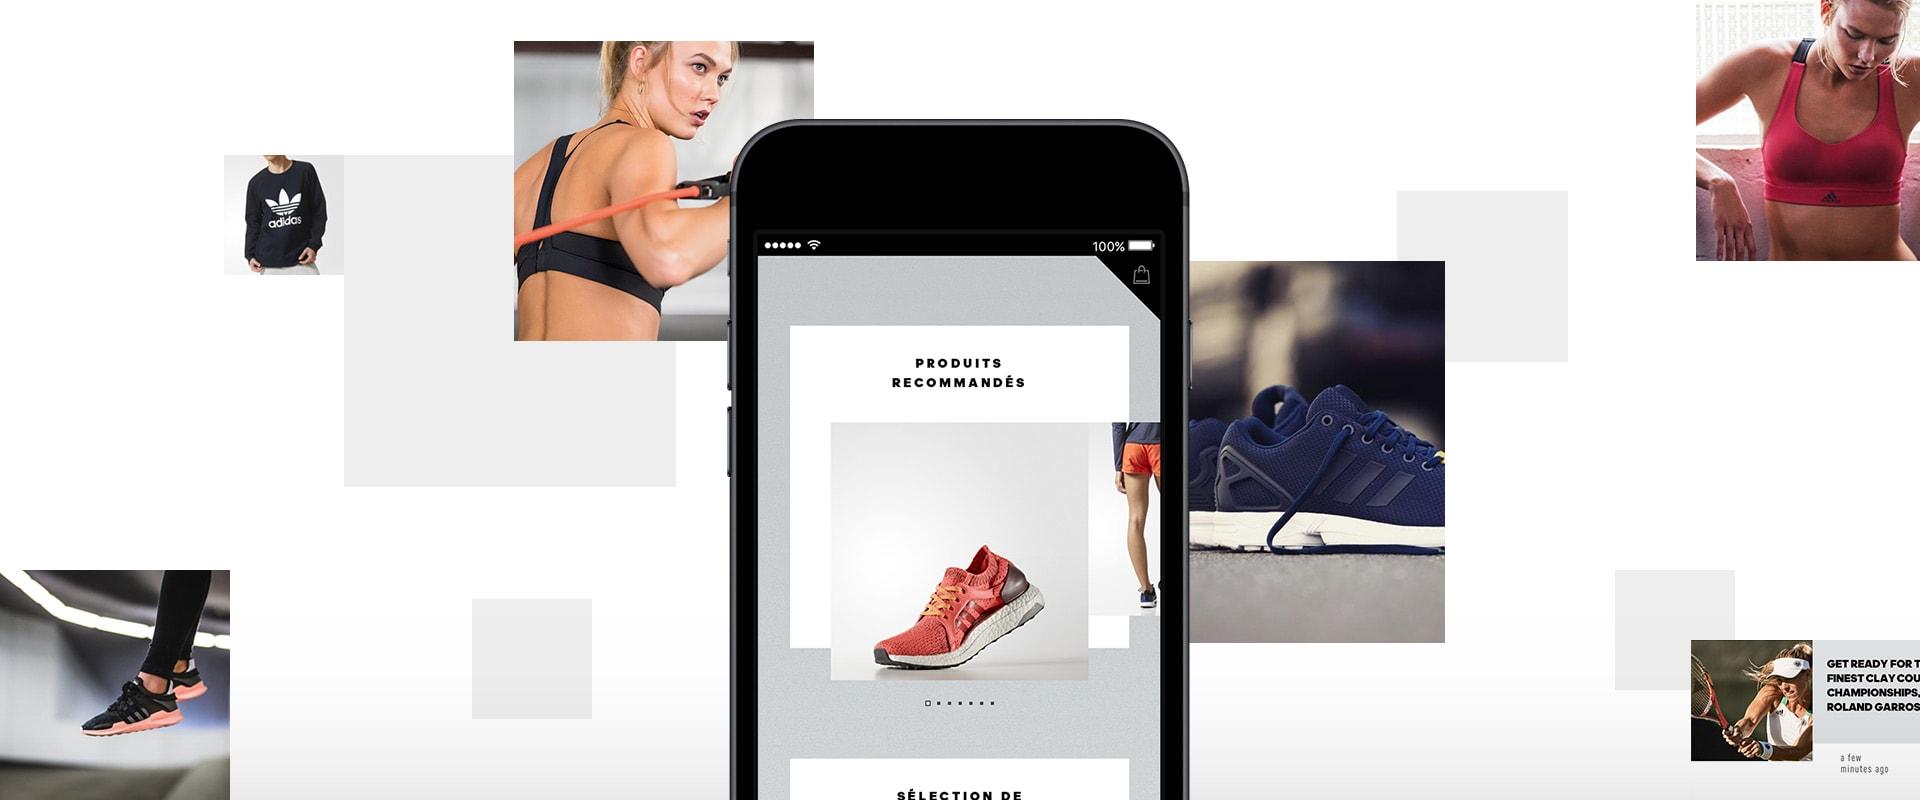 Online ShopFr Online ShopFr Online ShopFr Adidas Adidas Adidas Online Online Adidas Adidas ShopFr 8wPk0On